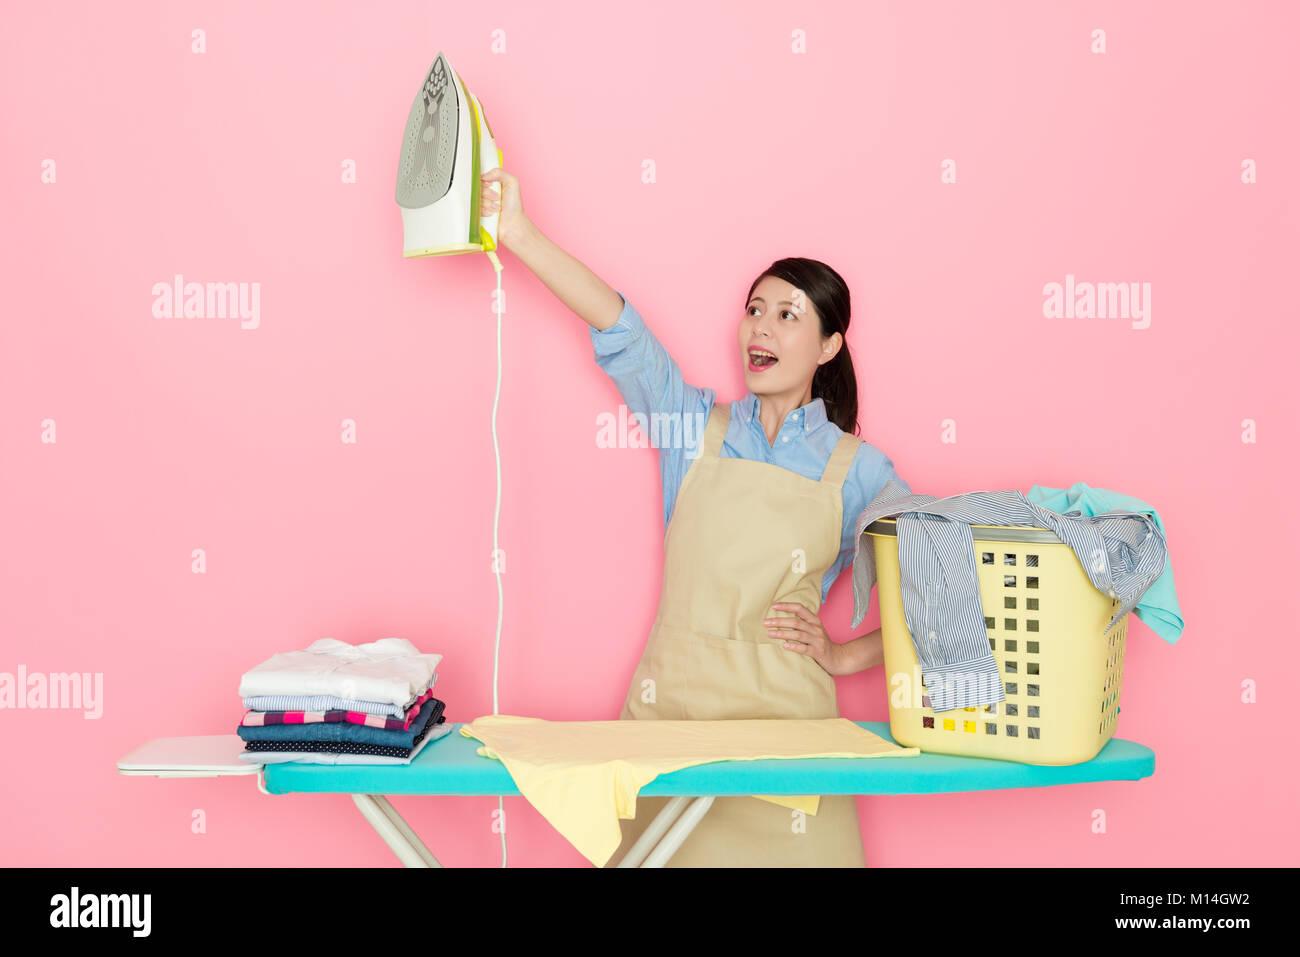 Único Vestidos De Dama Bastante Limpieza Elaboración - Ideas de ...